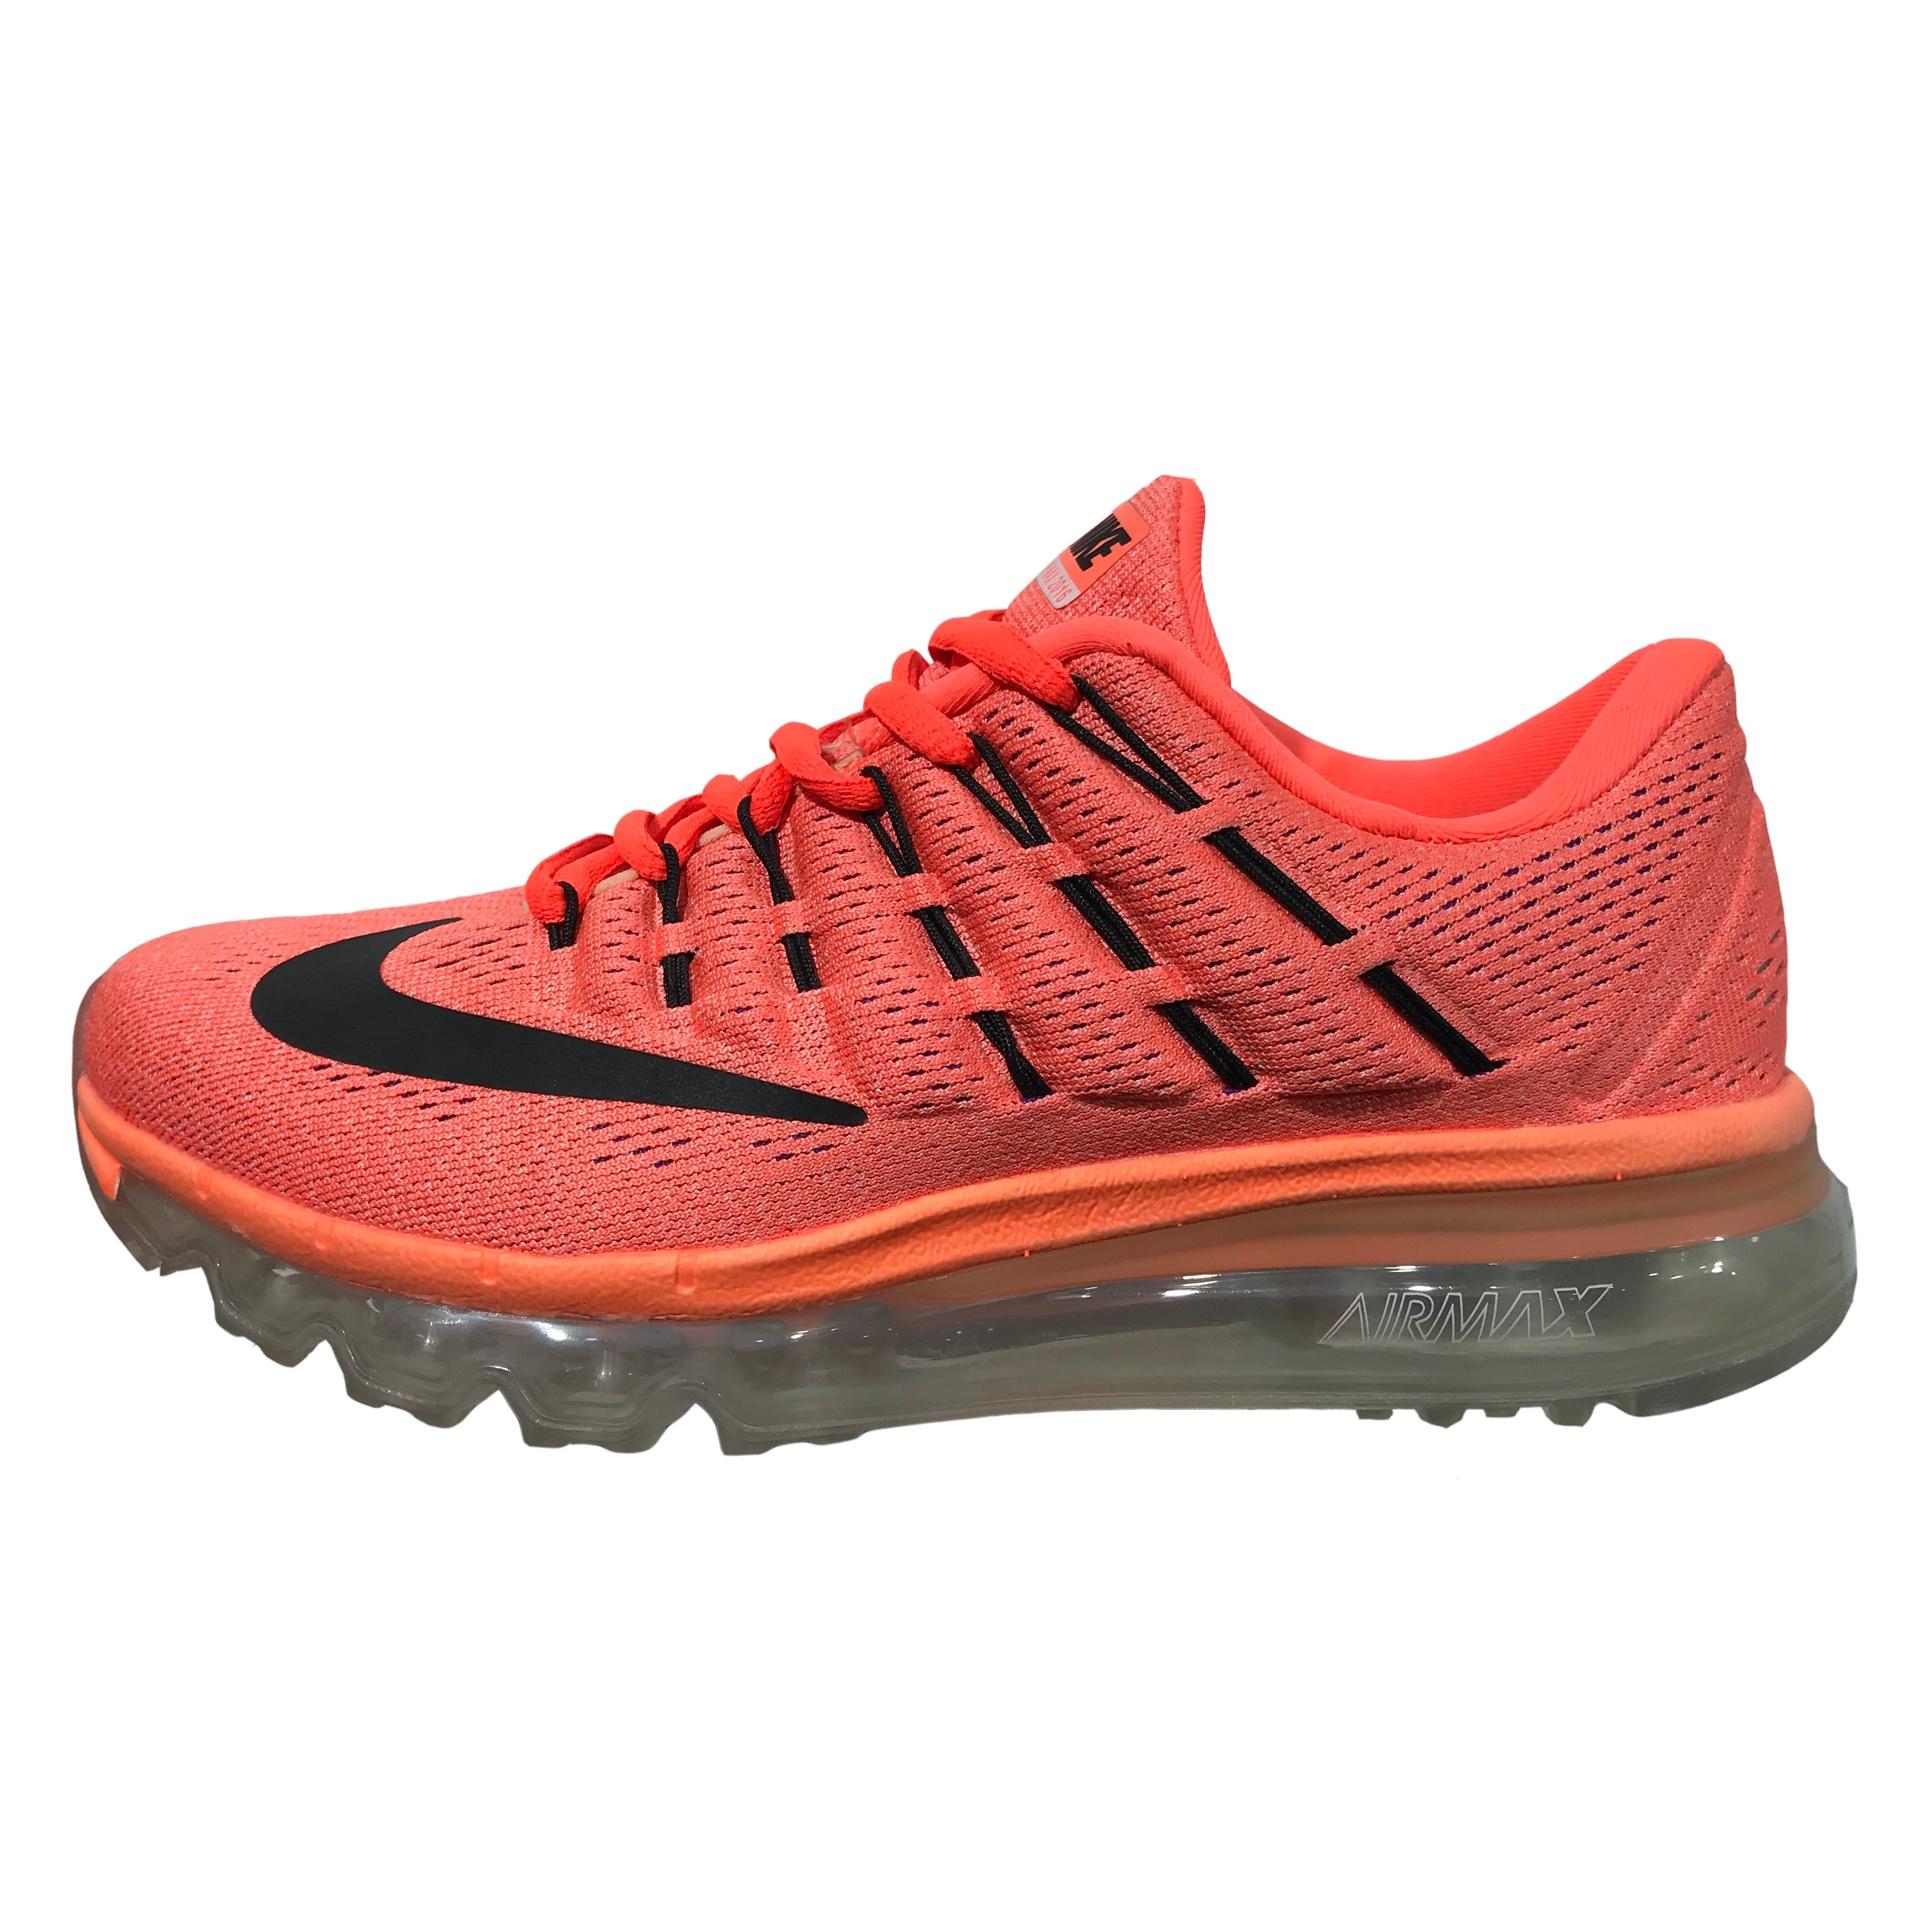 کفش مخصوص پیاده روی زنانه مدل AirMAX کد 014